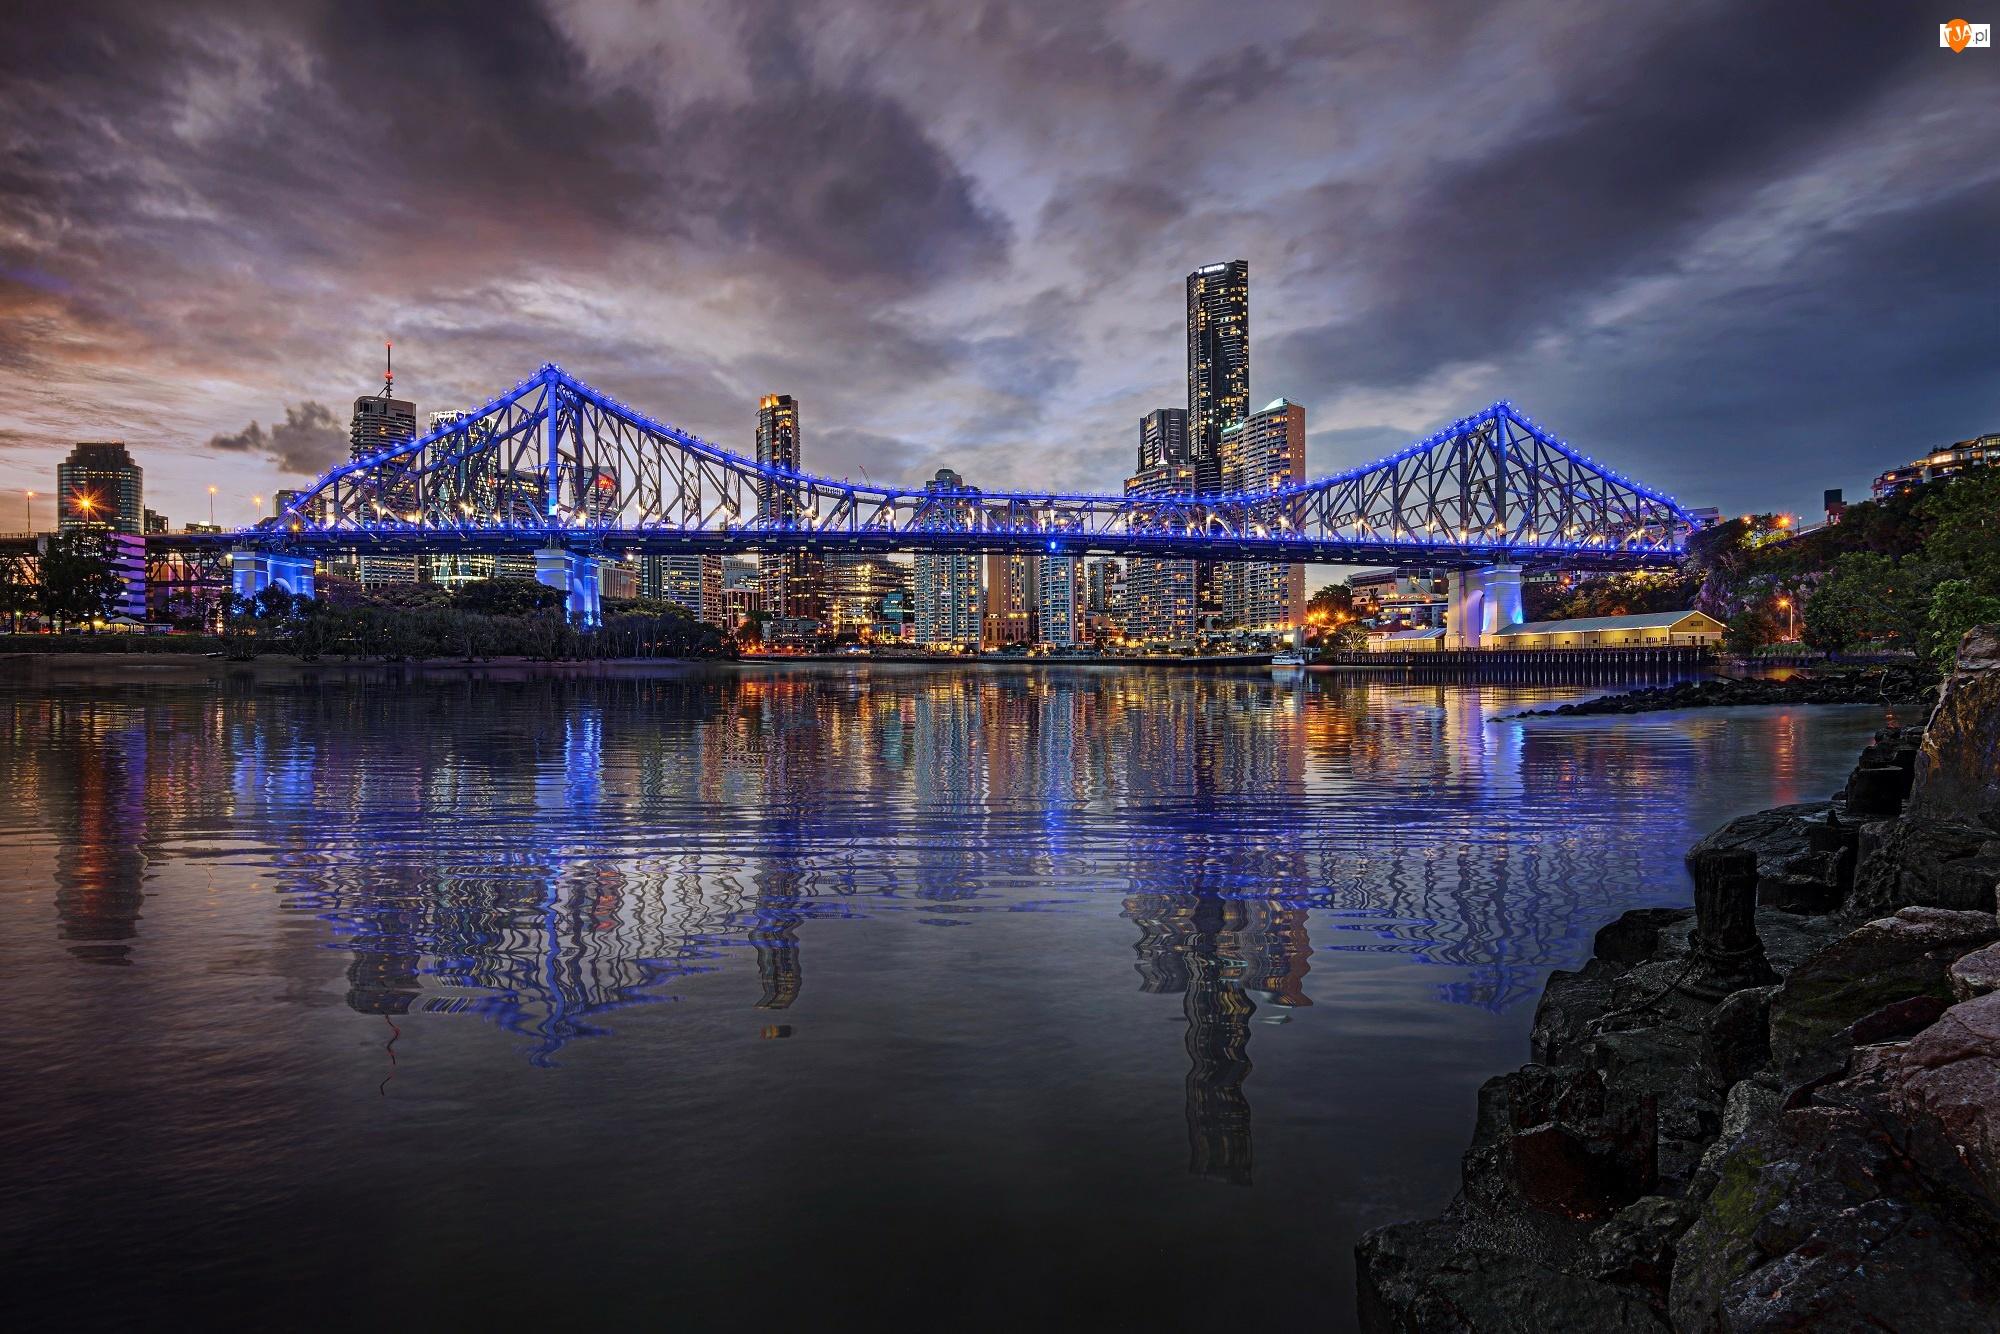 Rzeka, Australia, Oświetlony, Drapacze, Miasto, Most, Chmur, Nocą